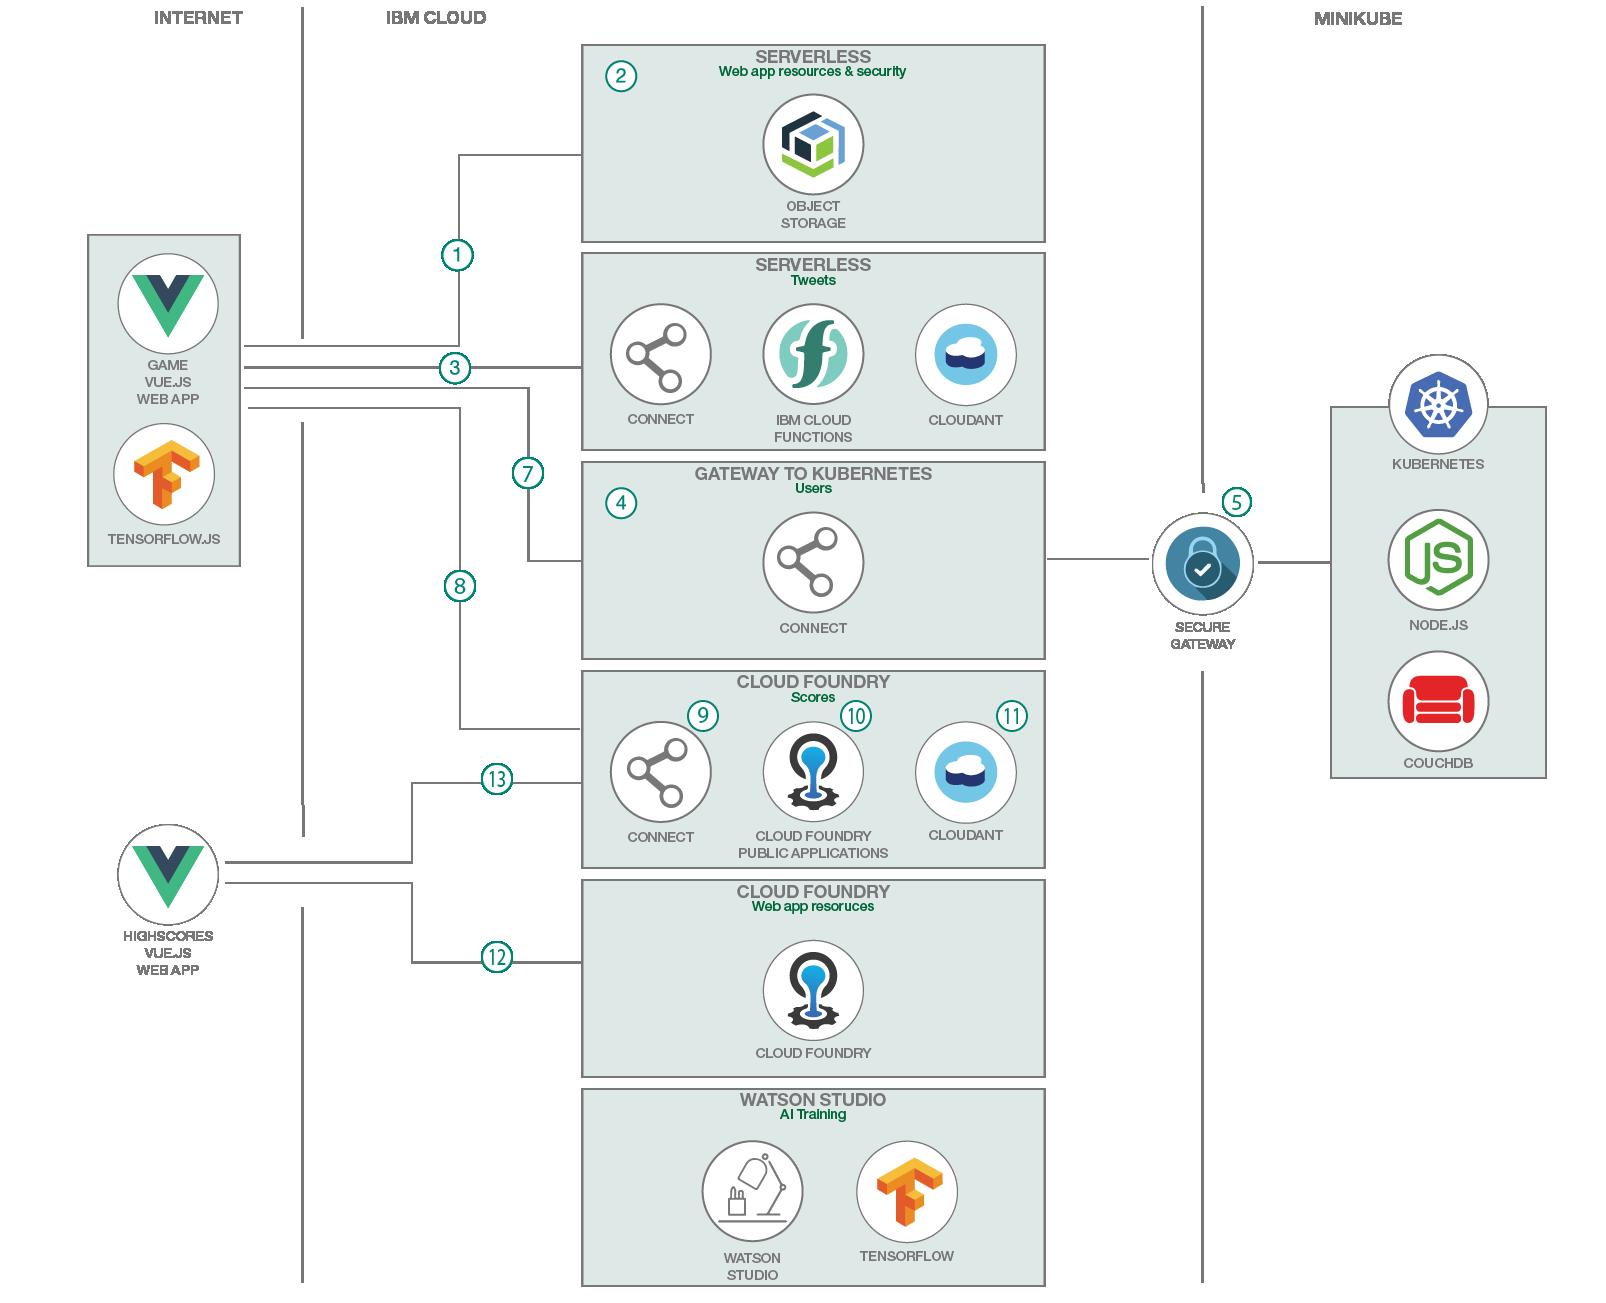 Cloud architecture flow diagram